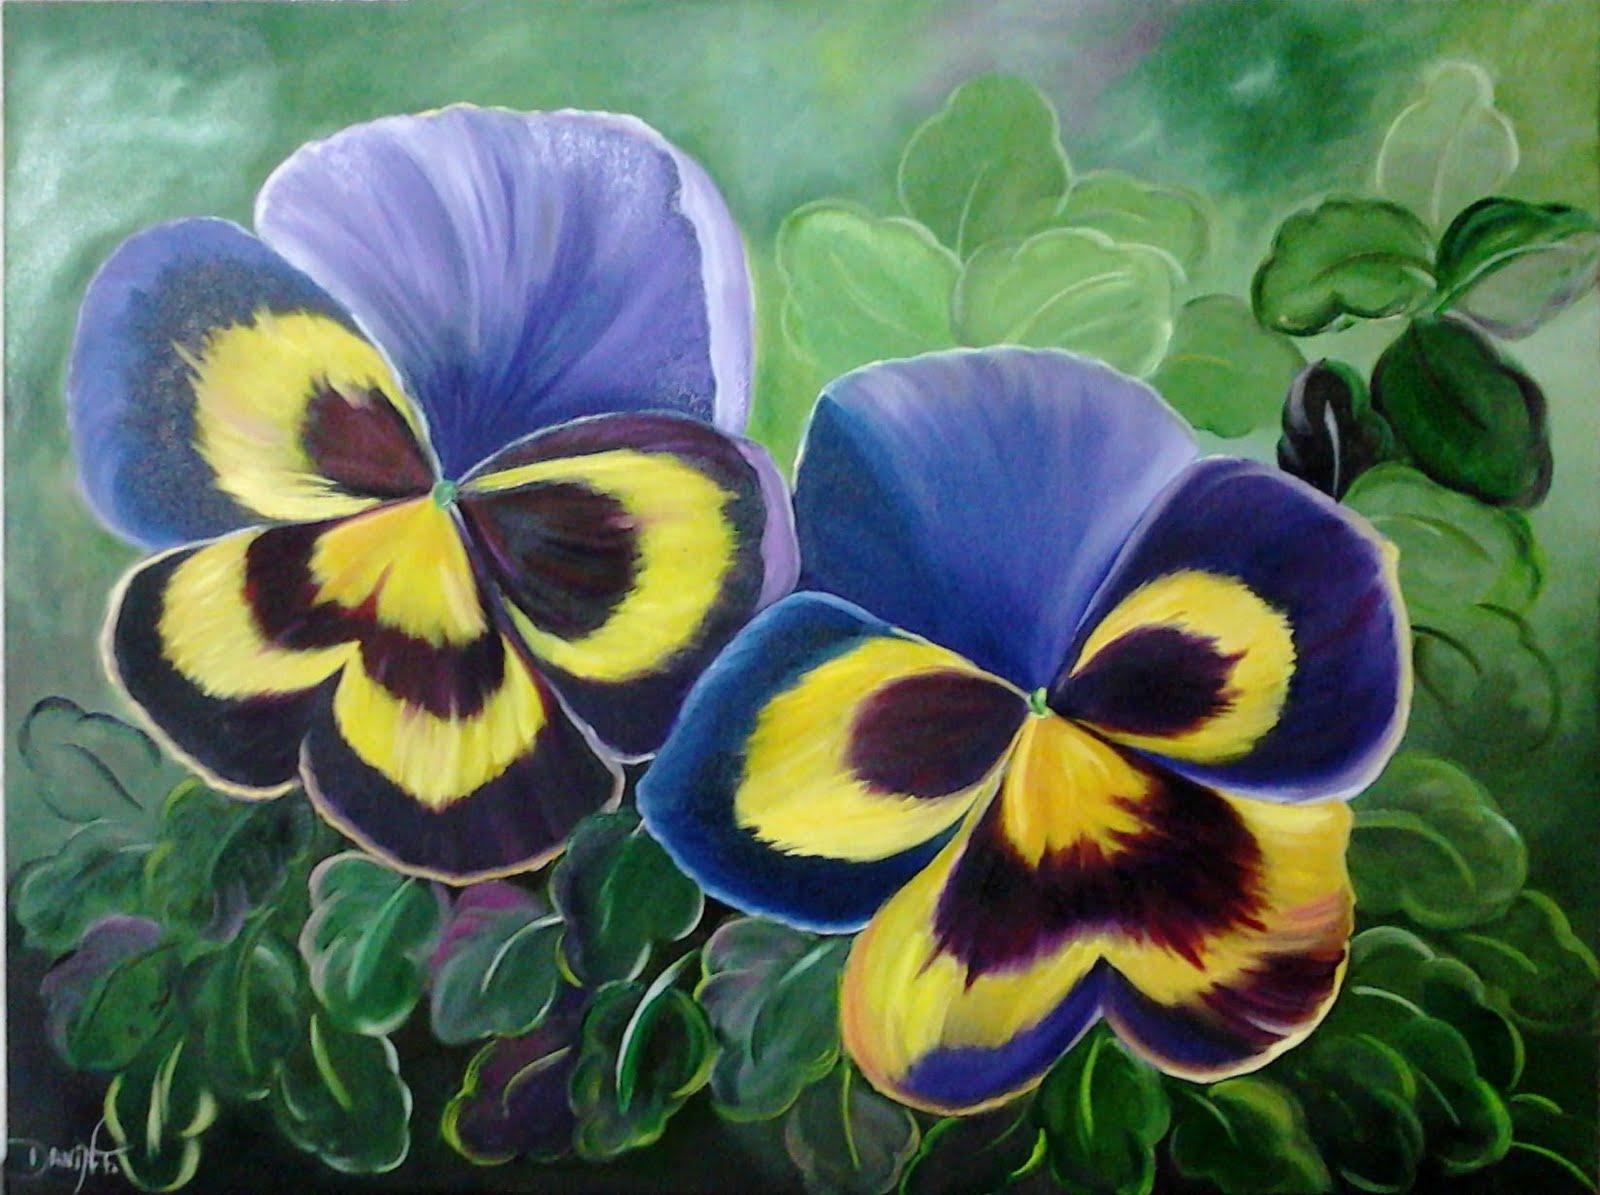 Fotos De Telas Pintadas Com Flores - Quadros de flores em tela pintura moderna artgeist